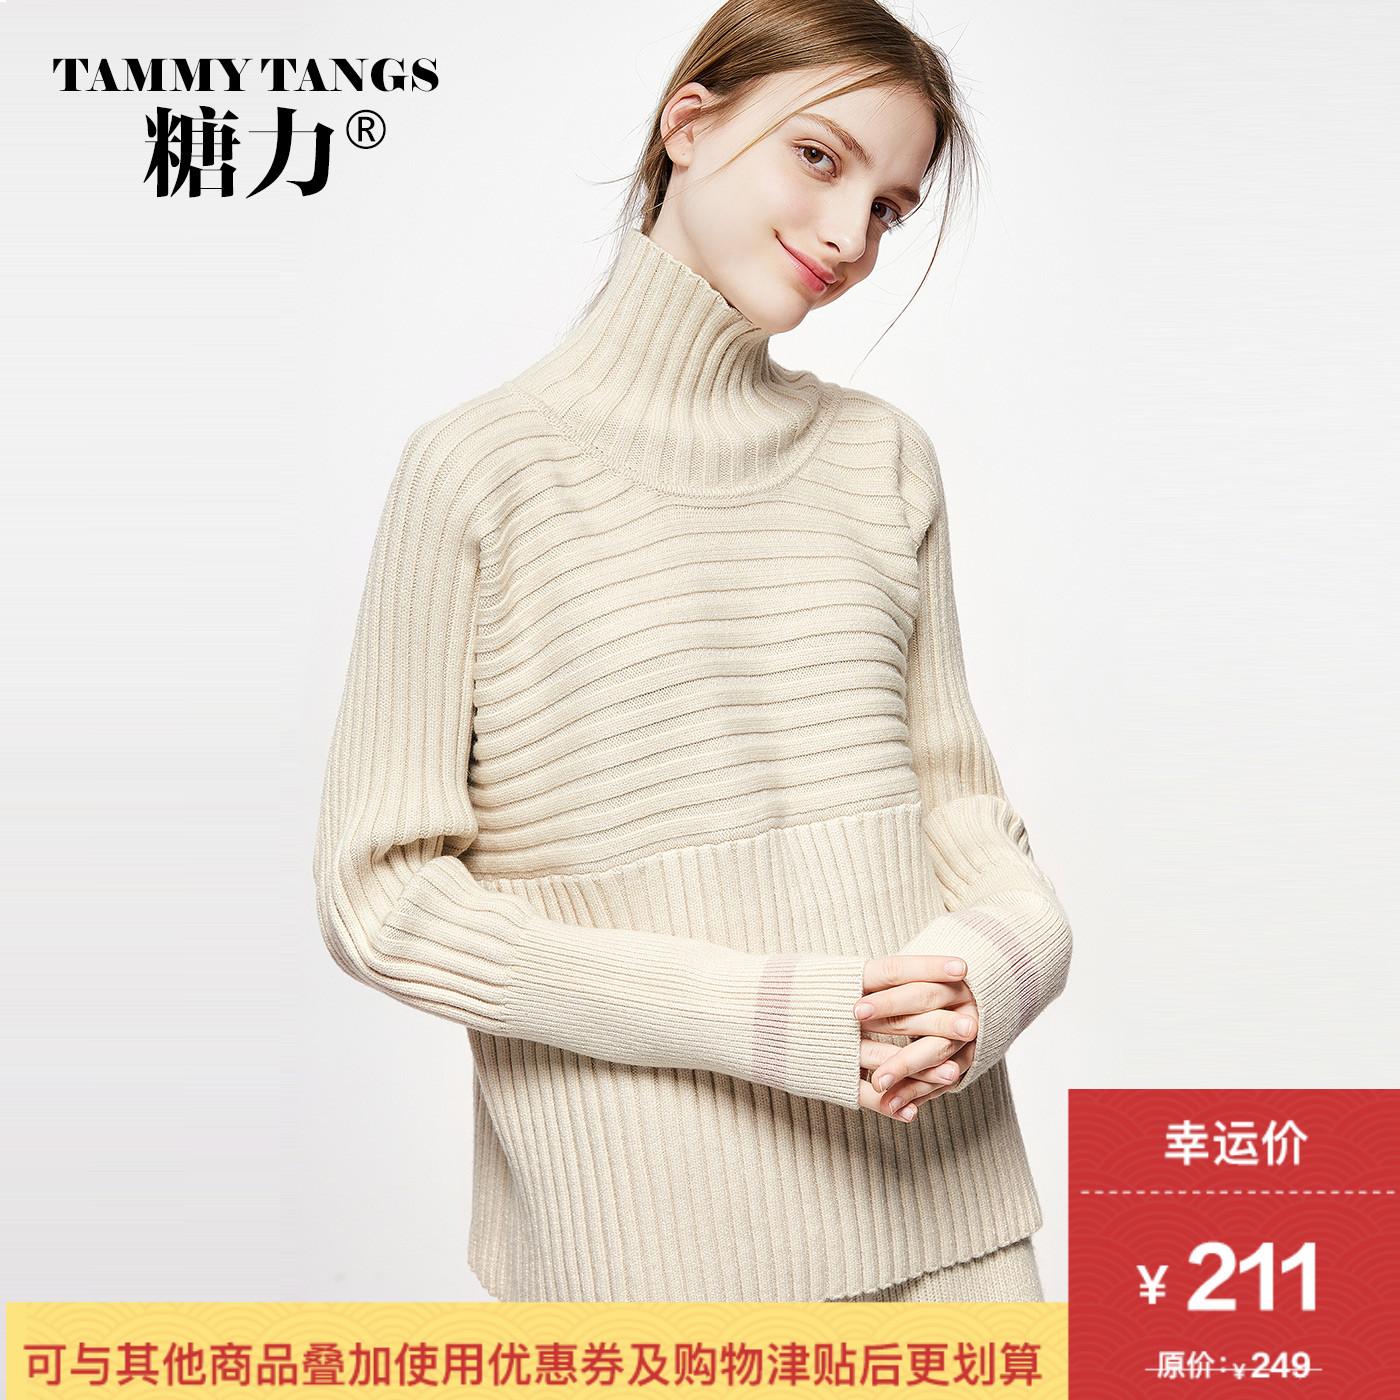 糖力2017秋冬新款欧美女装裸色长袖高领针织衫上衣宽松毛衣打底衫